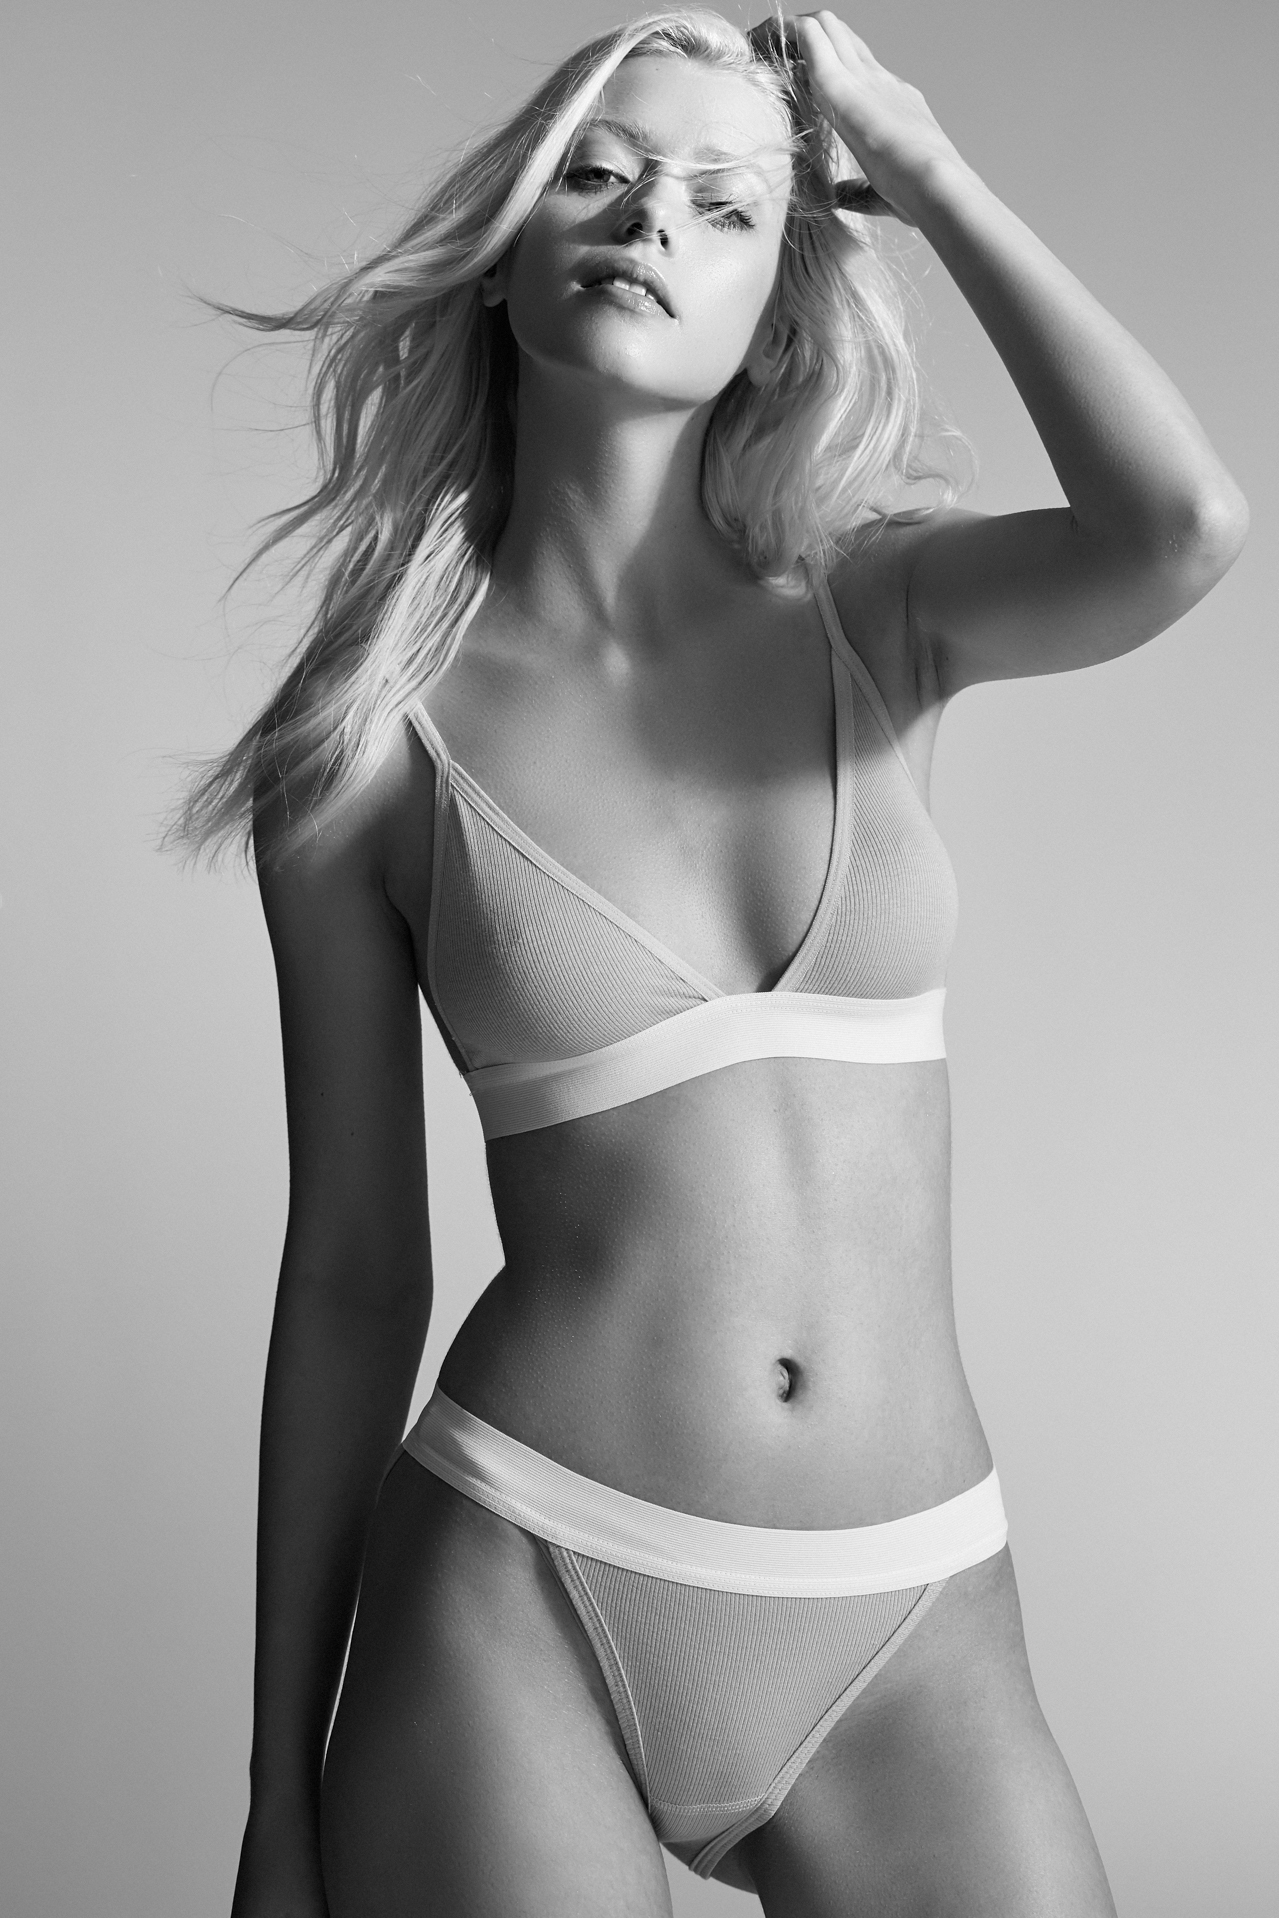 Jess renae nude (22 pics)